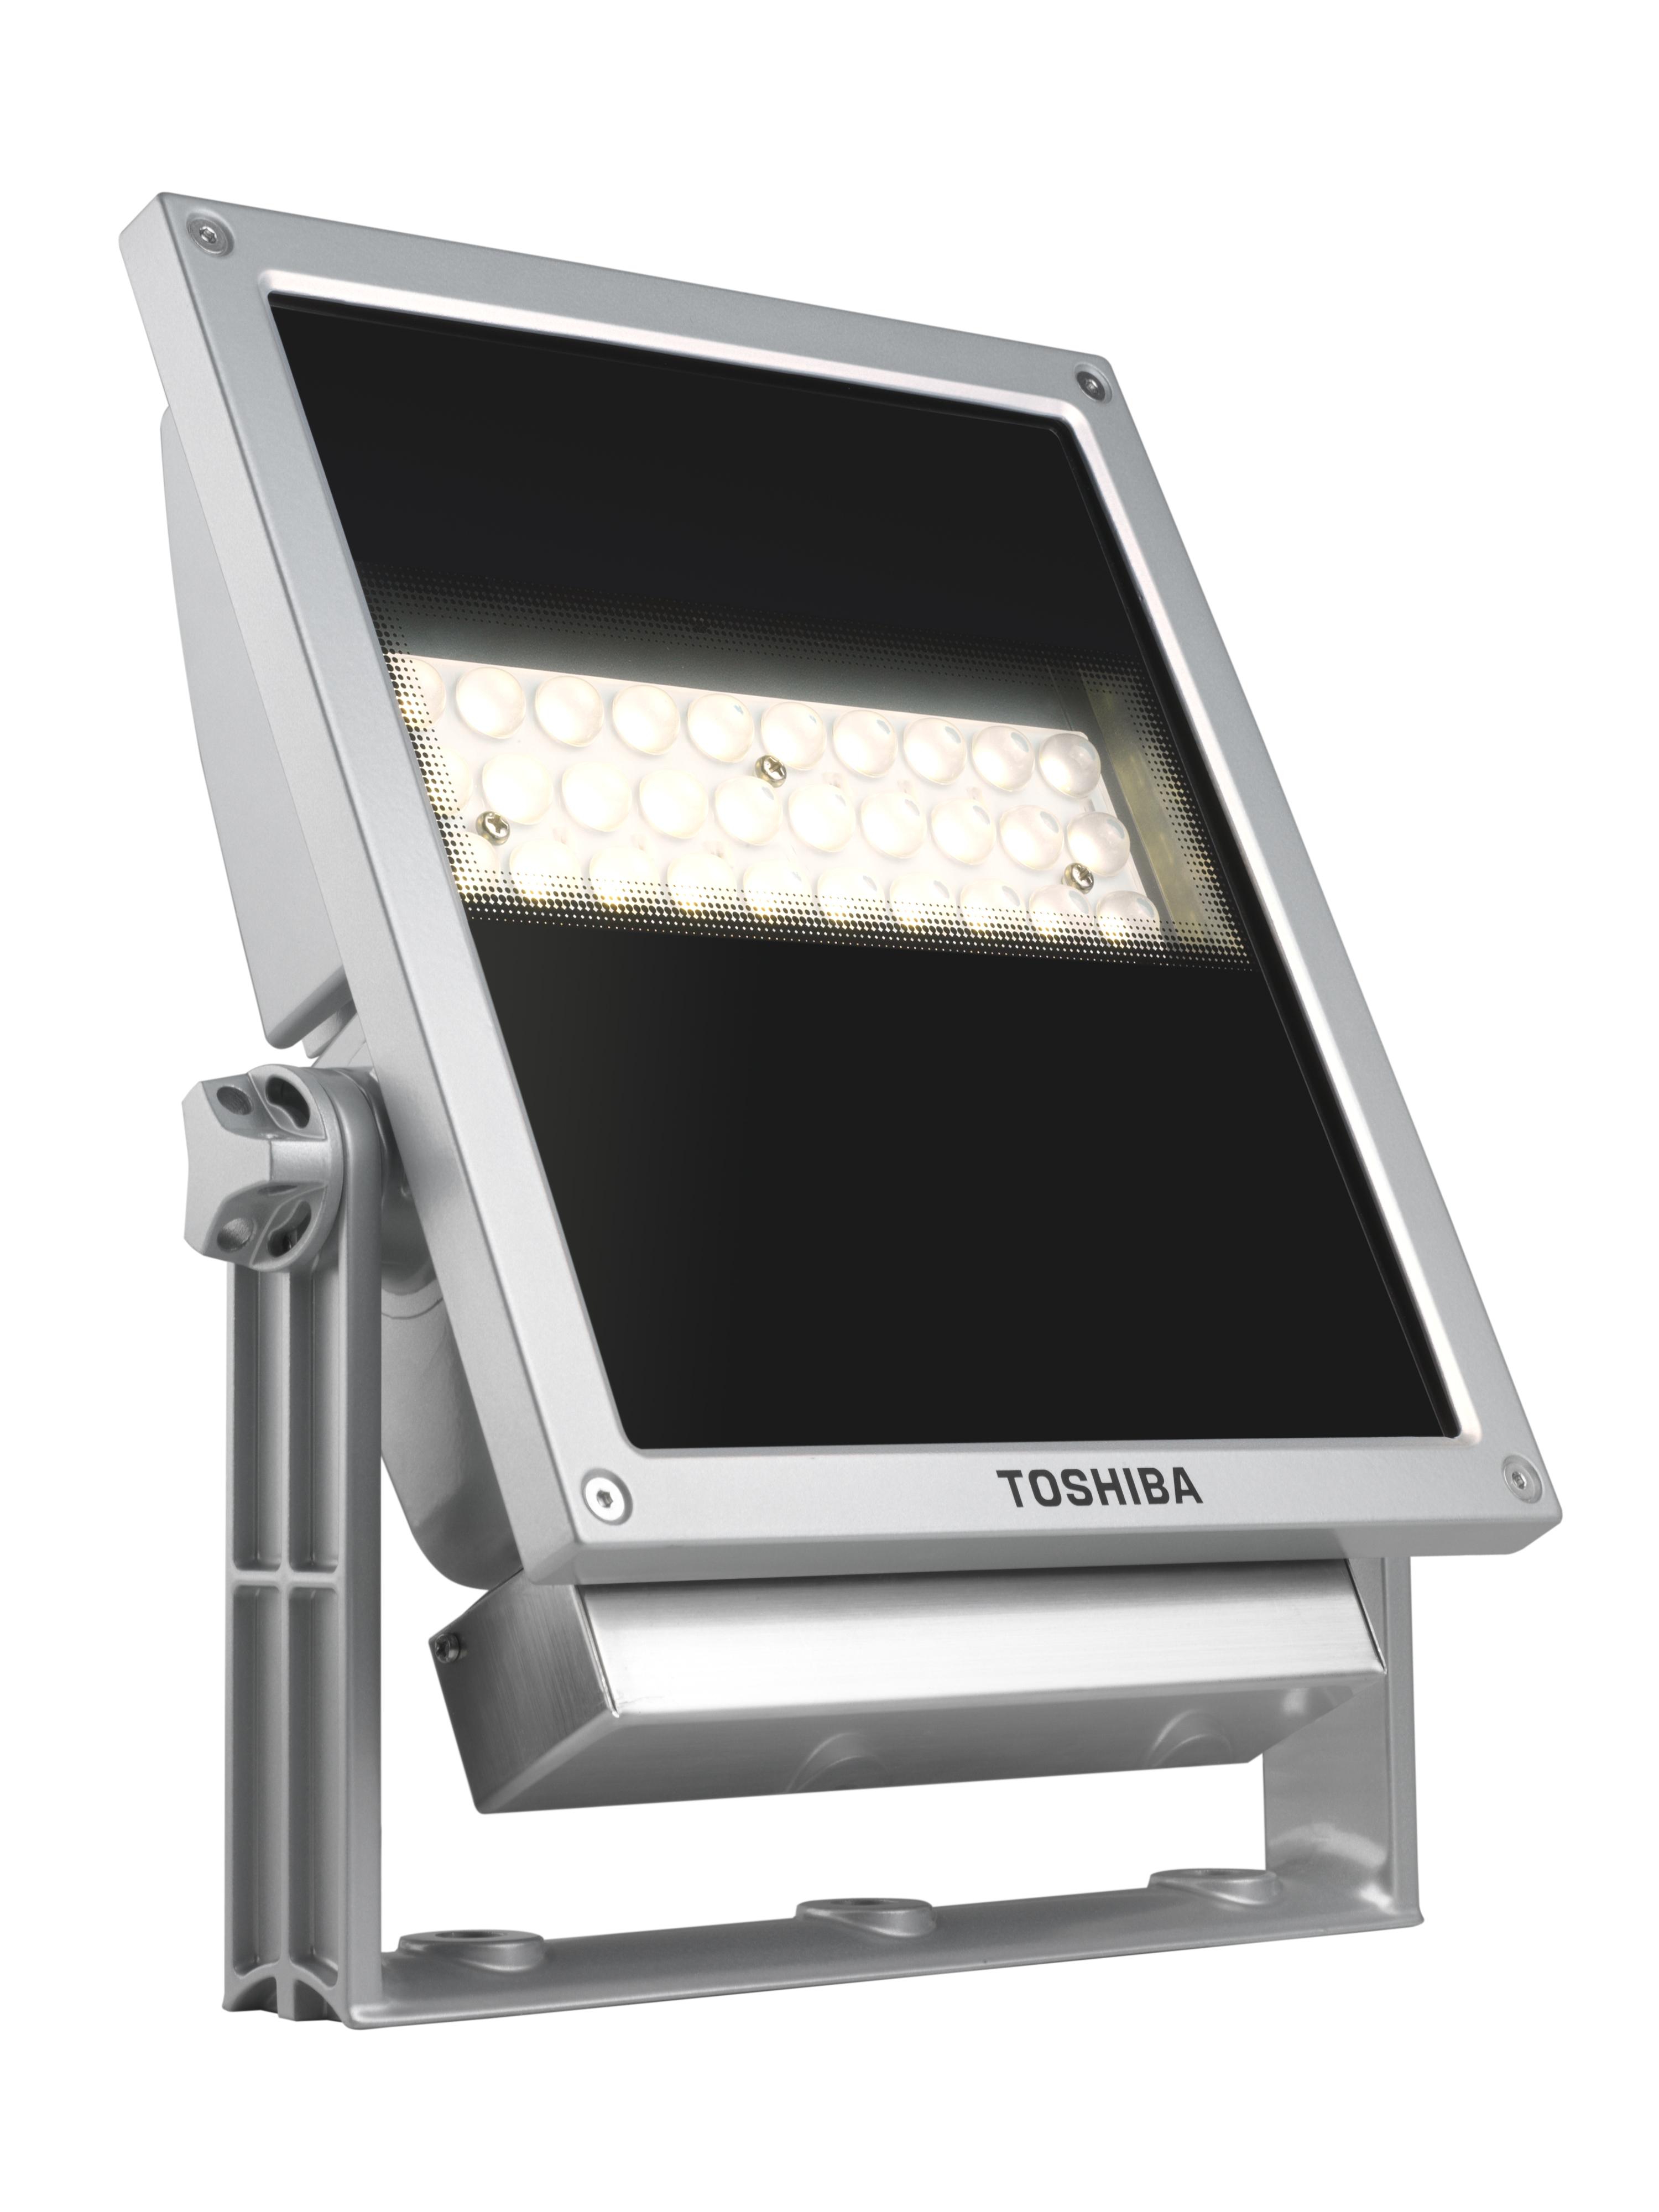 Toshiba LEDEUF00019I30 40W LED Argento proiettore